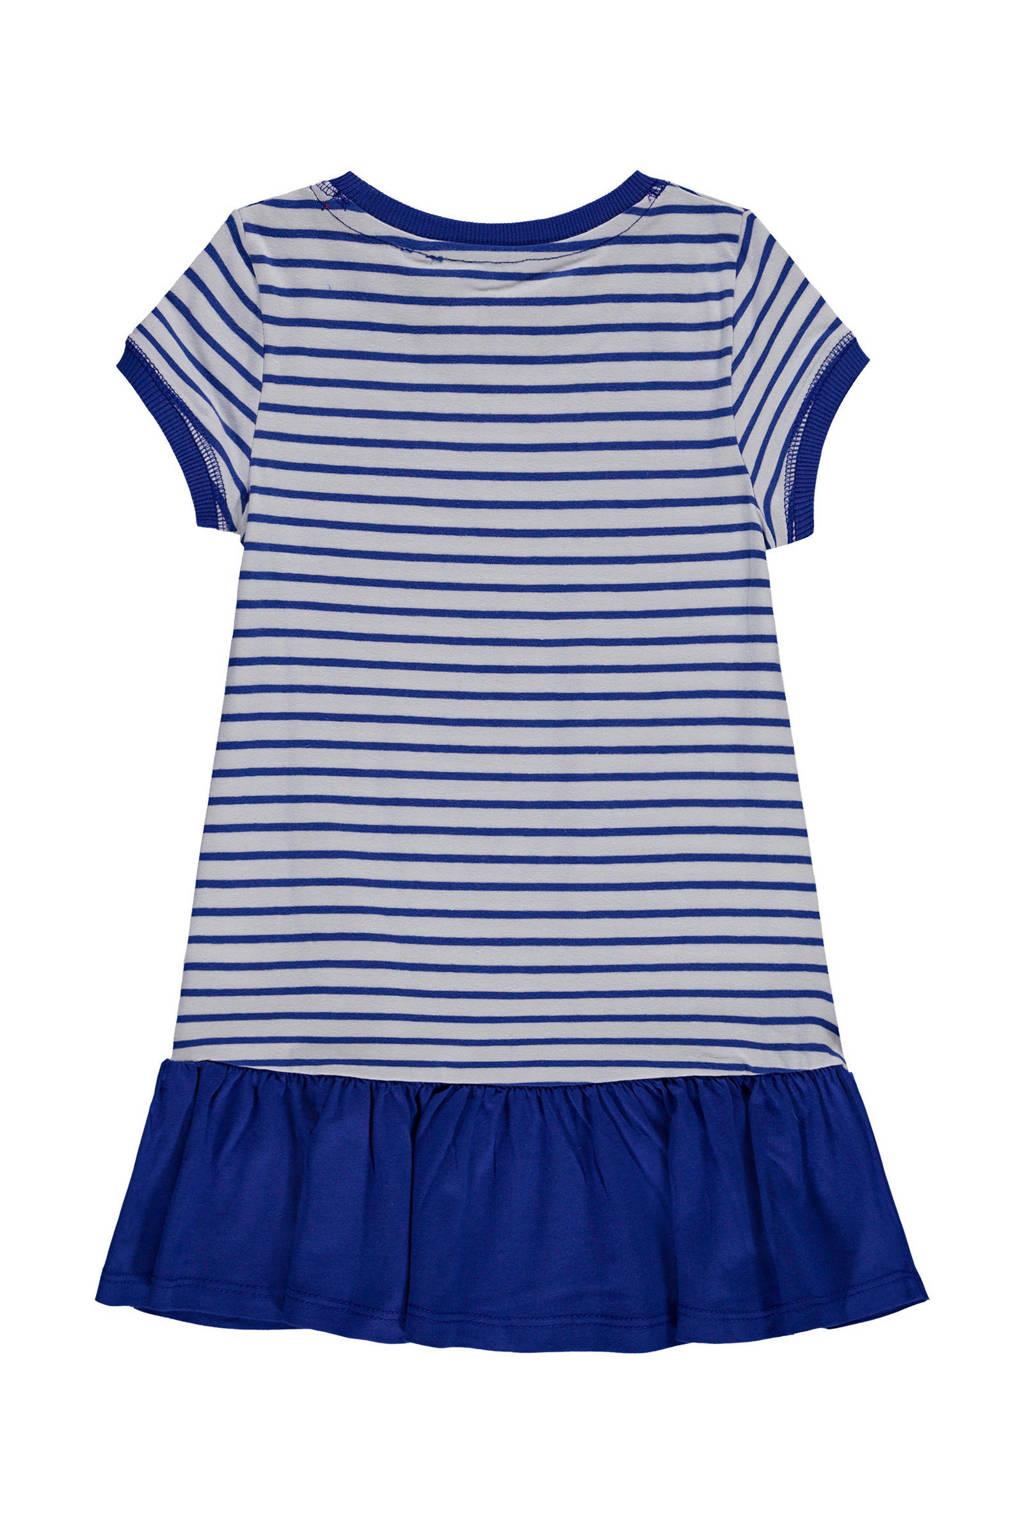 f512fd7310c933 Marc O Polo gestreepte jurk blauw